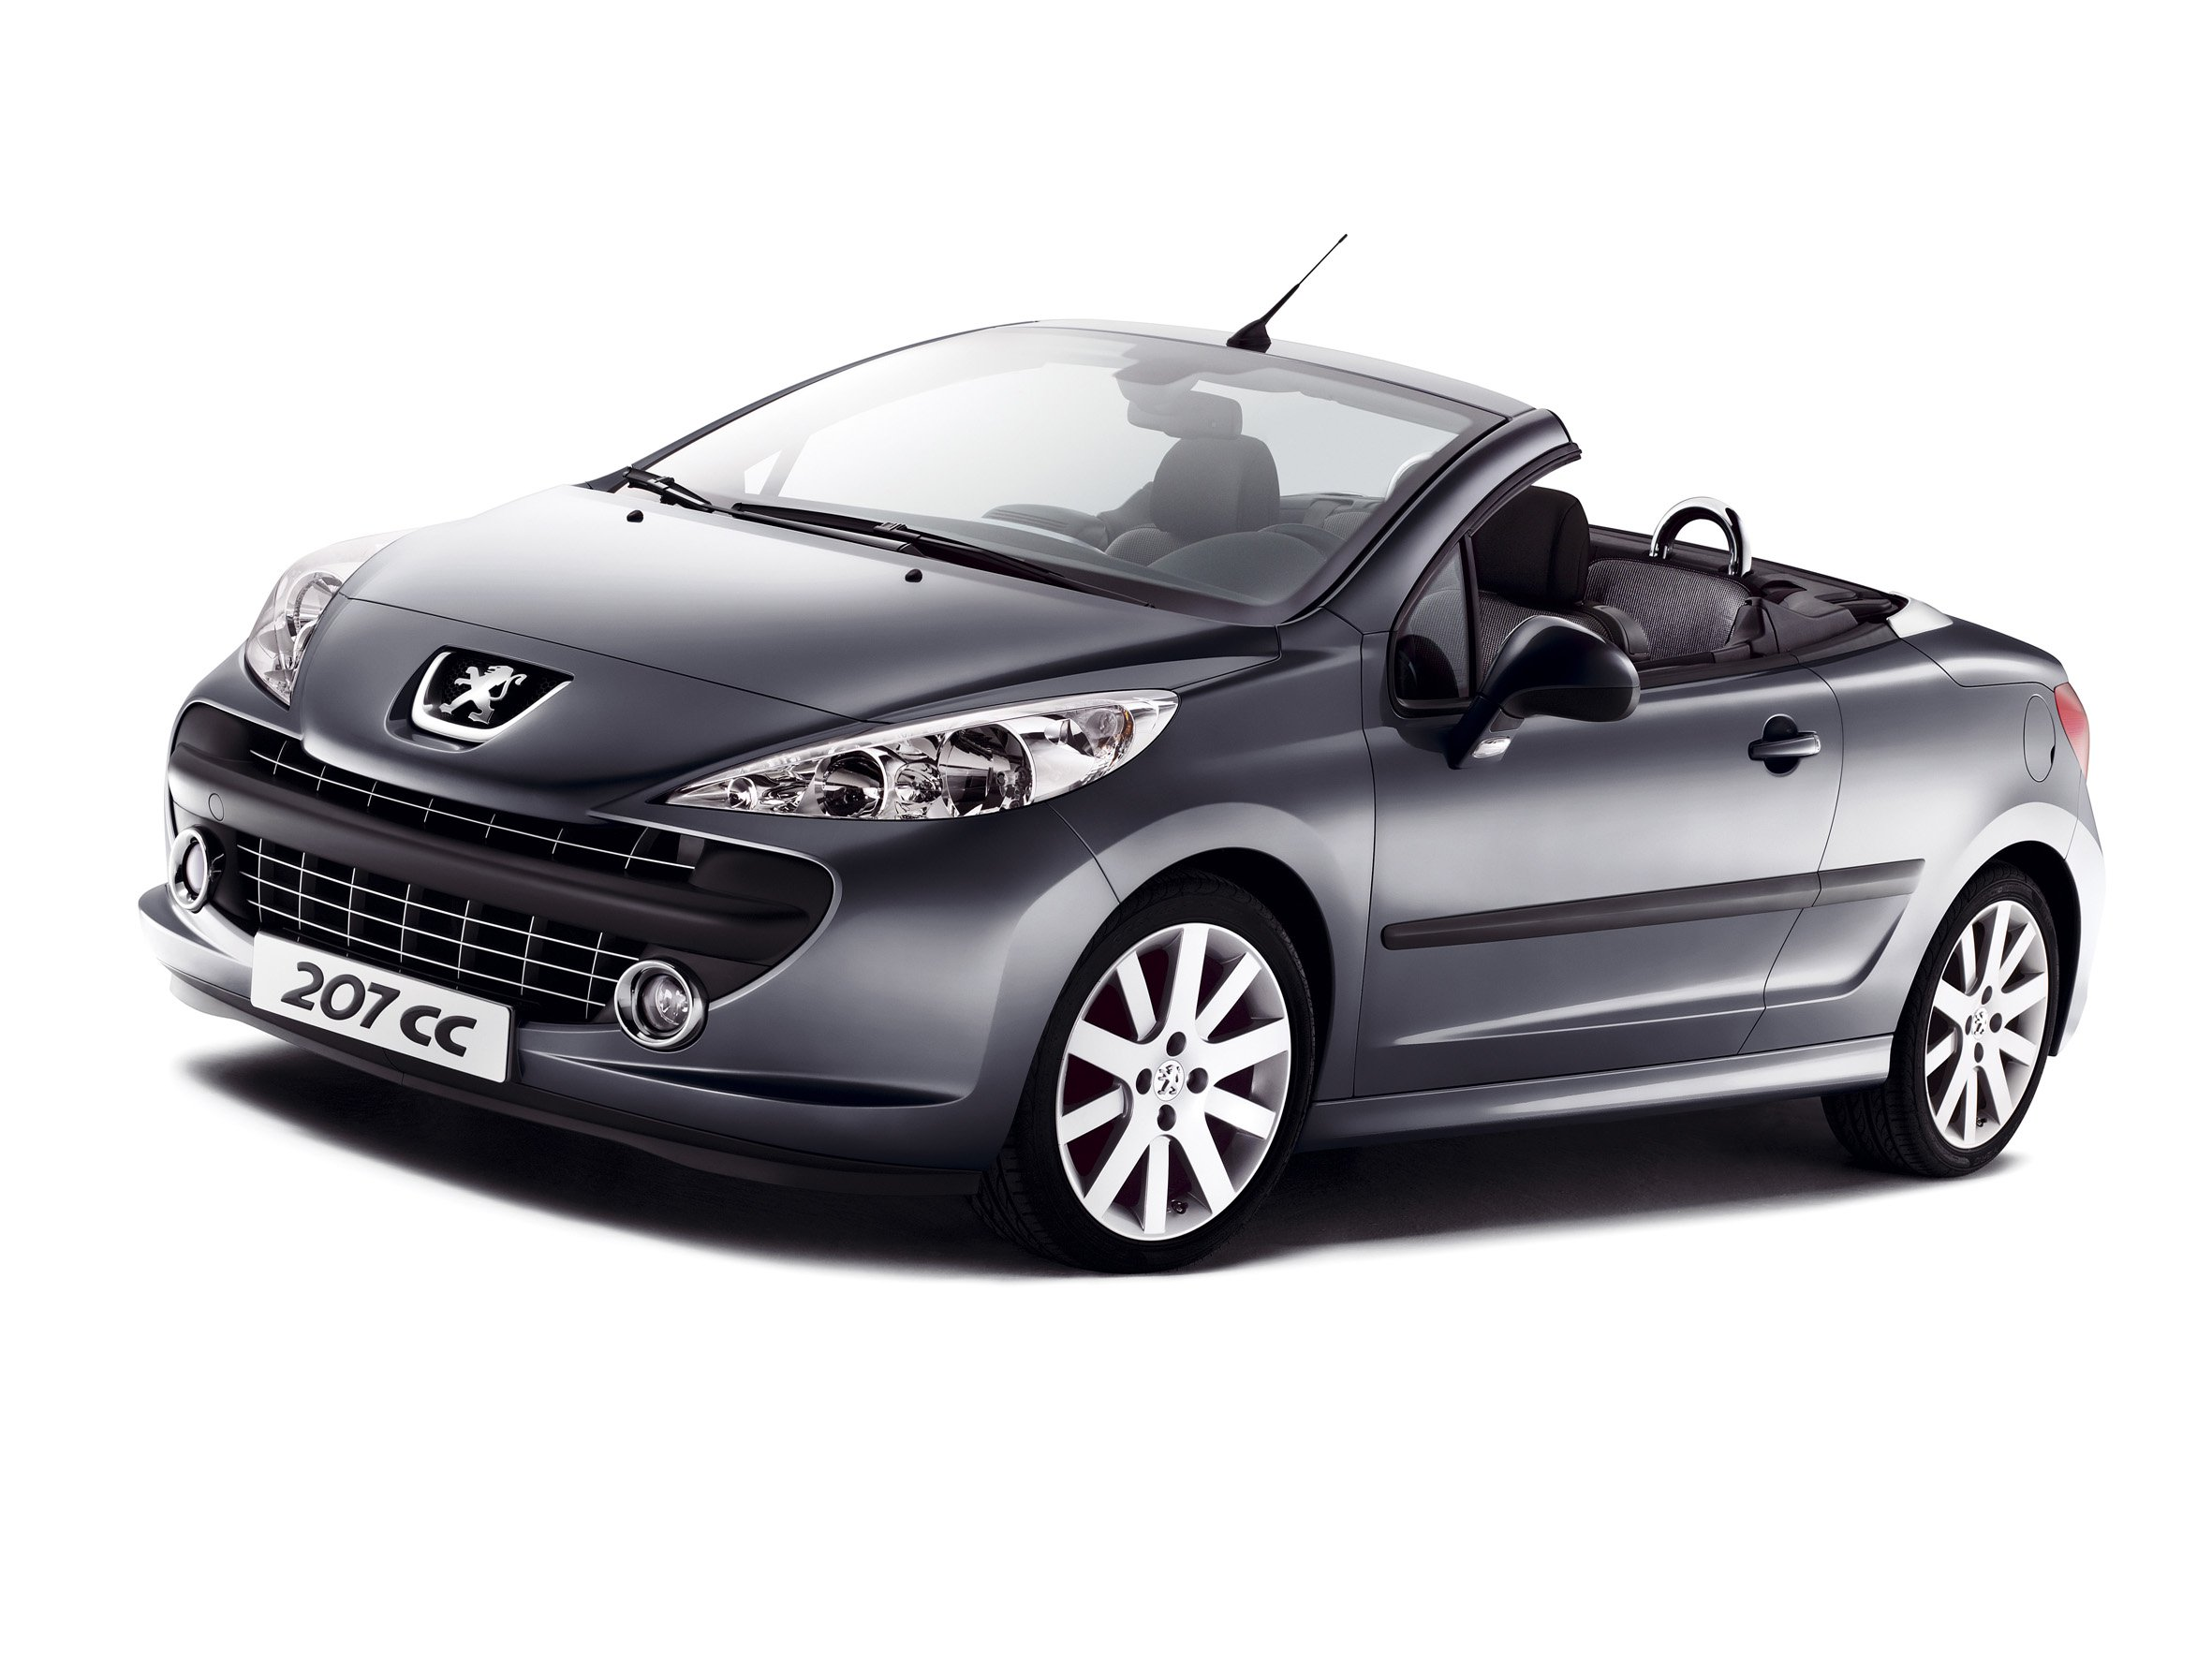 Cat C3 – Peugeot 207cc | 1.6 Cabrio